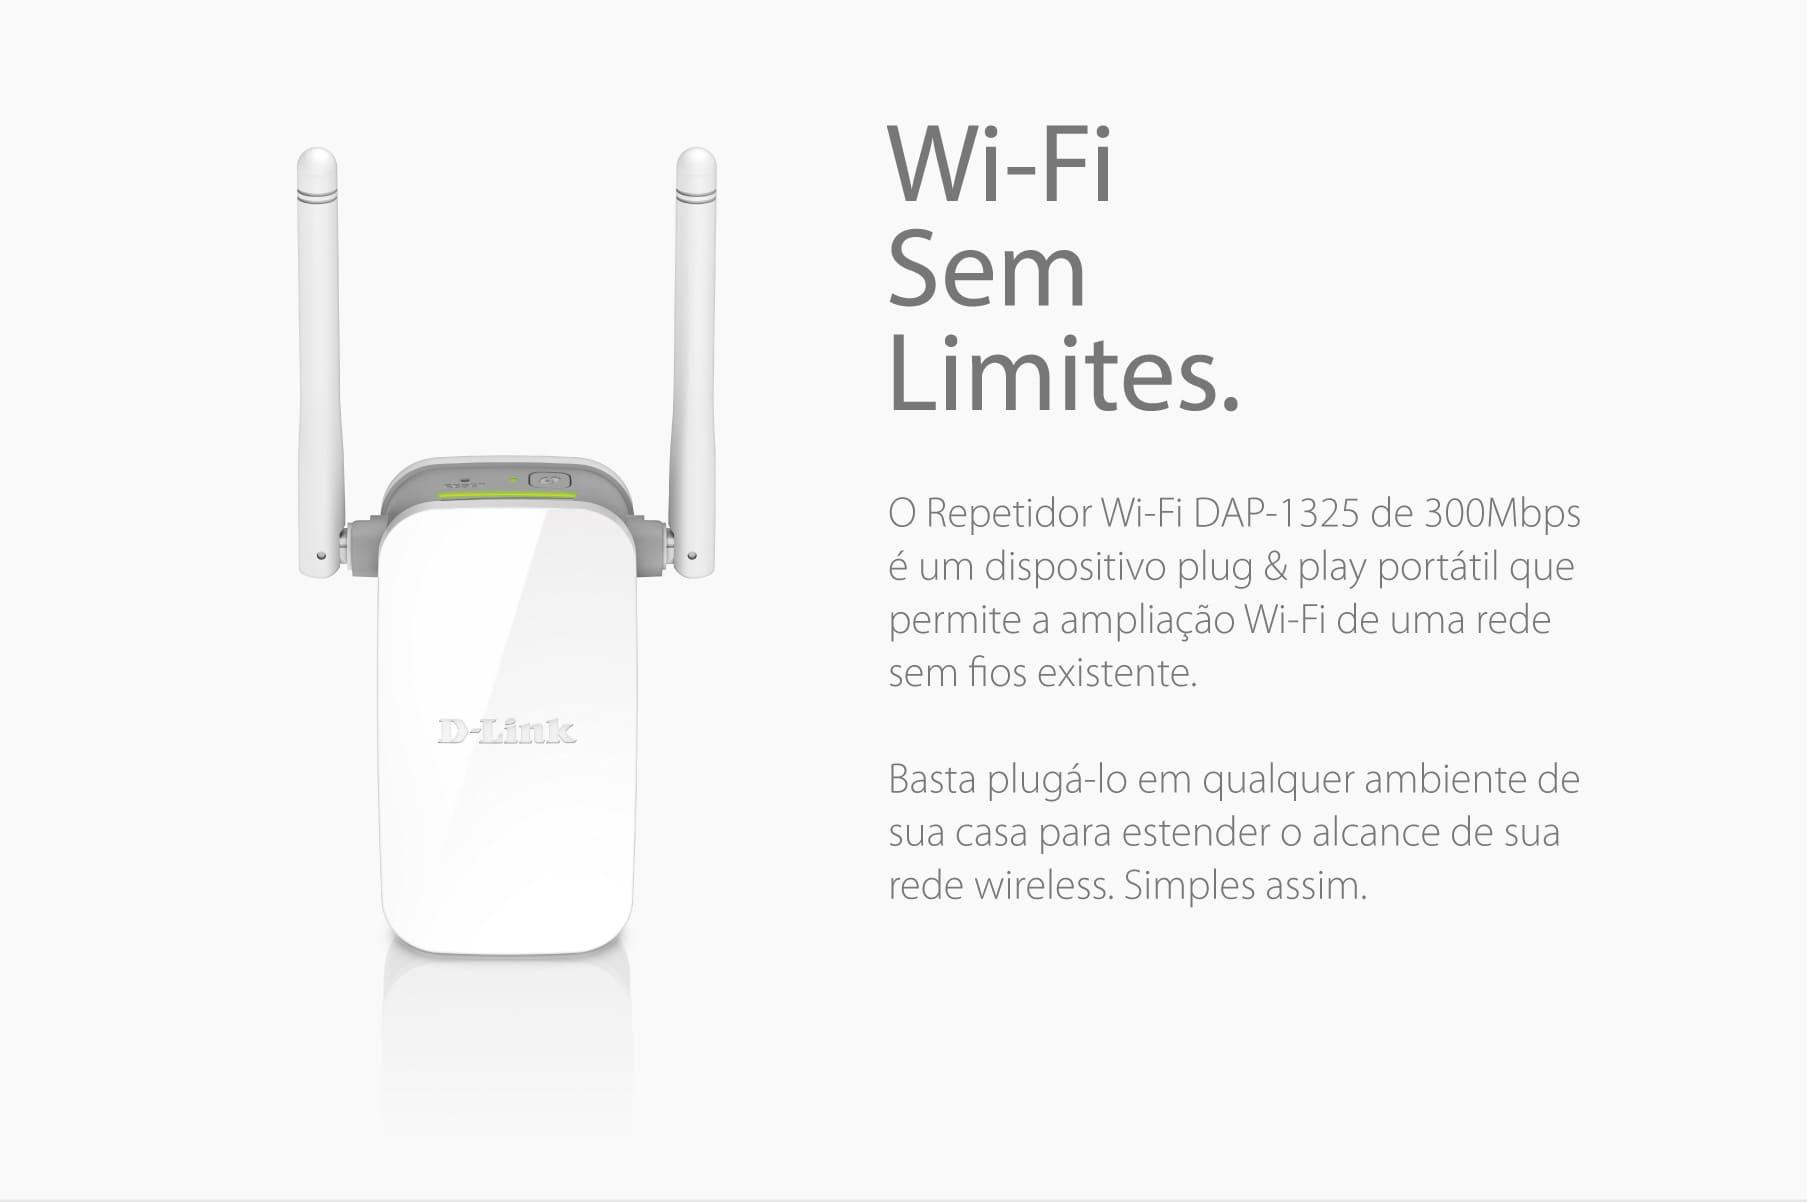 Repetidor WiFi DAP-1325 300Mbps